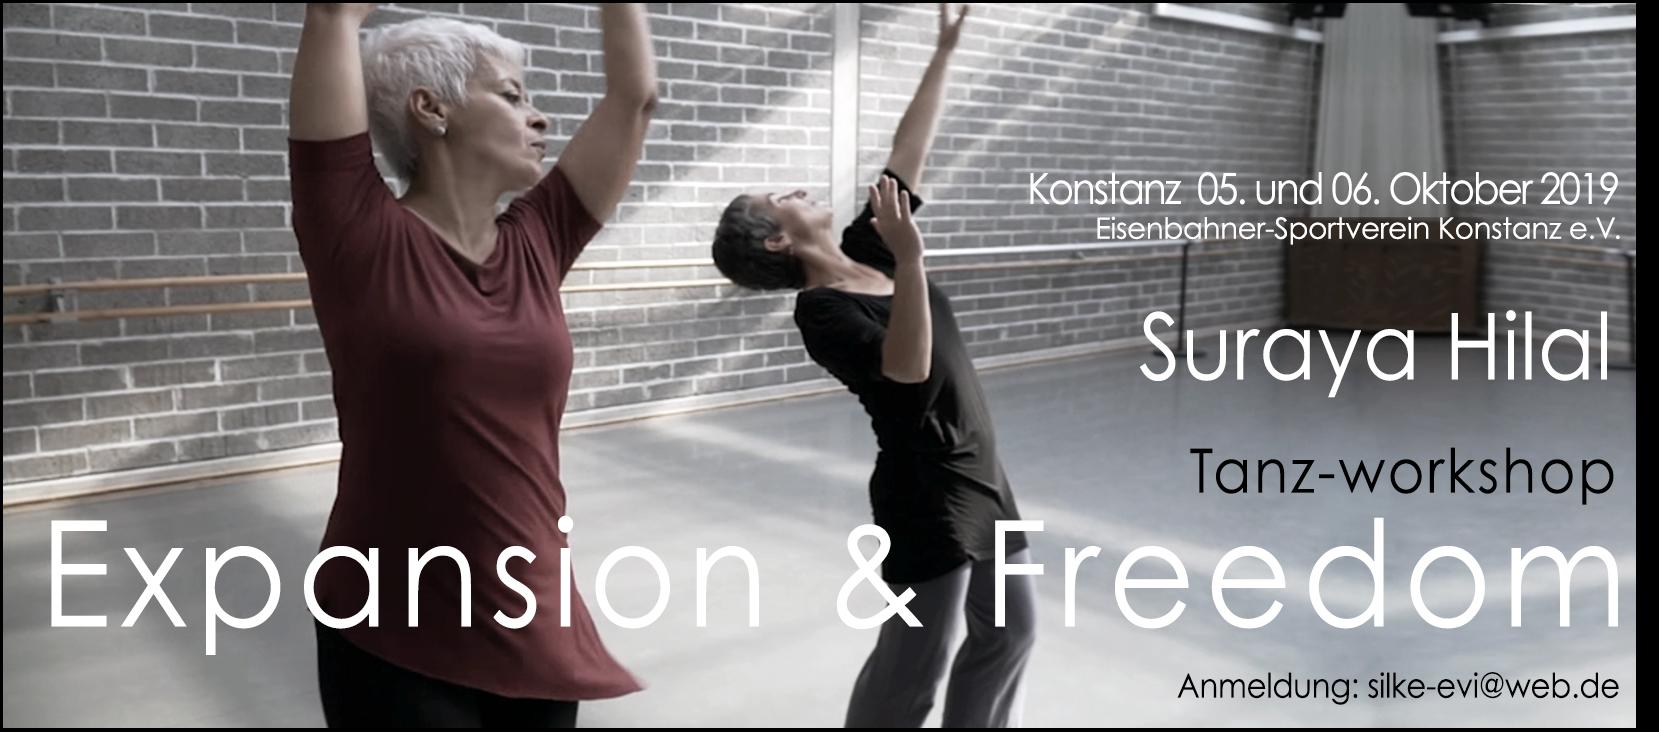 Costanza 05. 06. Ottobre 2019 Dance/Lab S. Hilal